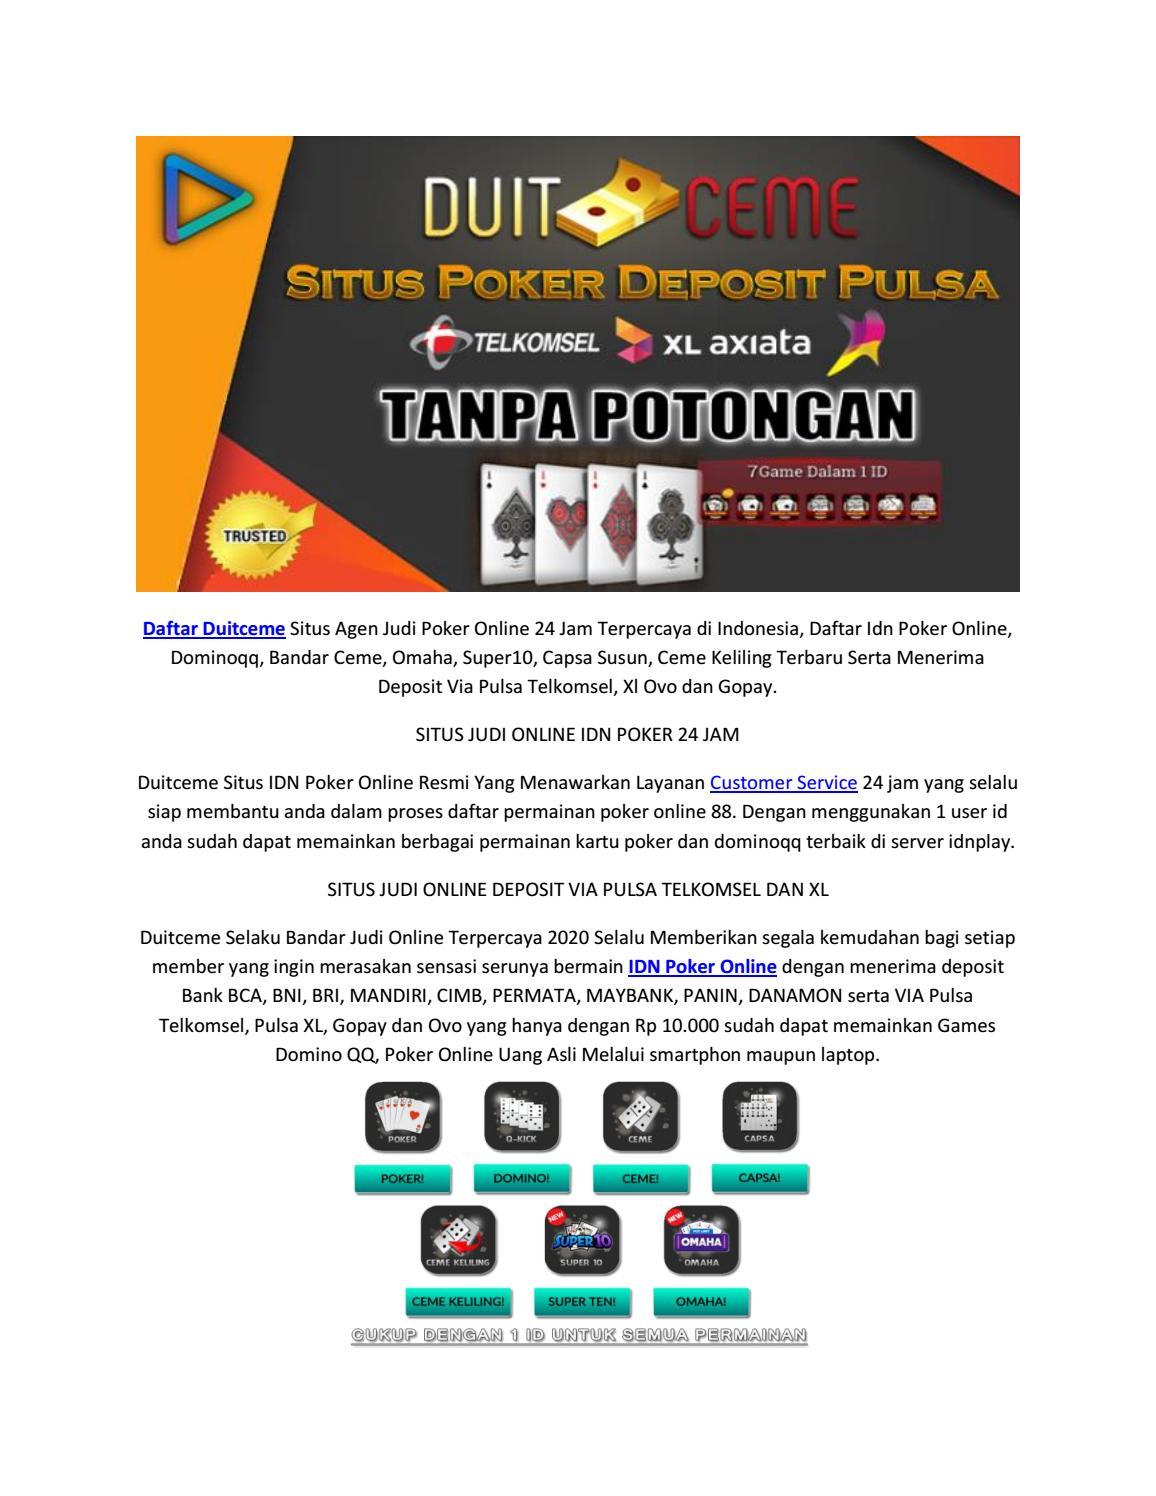 Daftar Situs Idn Poker Online 88 Terpercaya Deposit Via Pulsa By Yuli Ceme Issuu